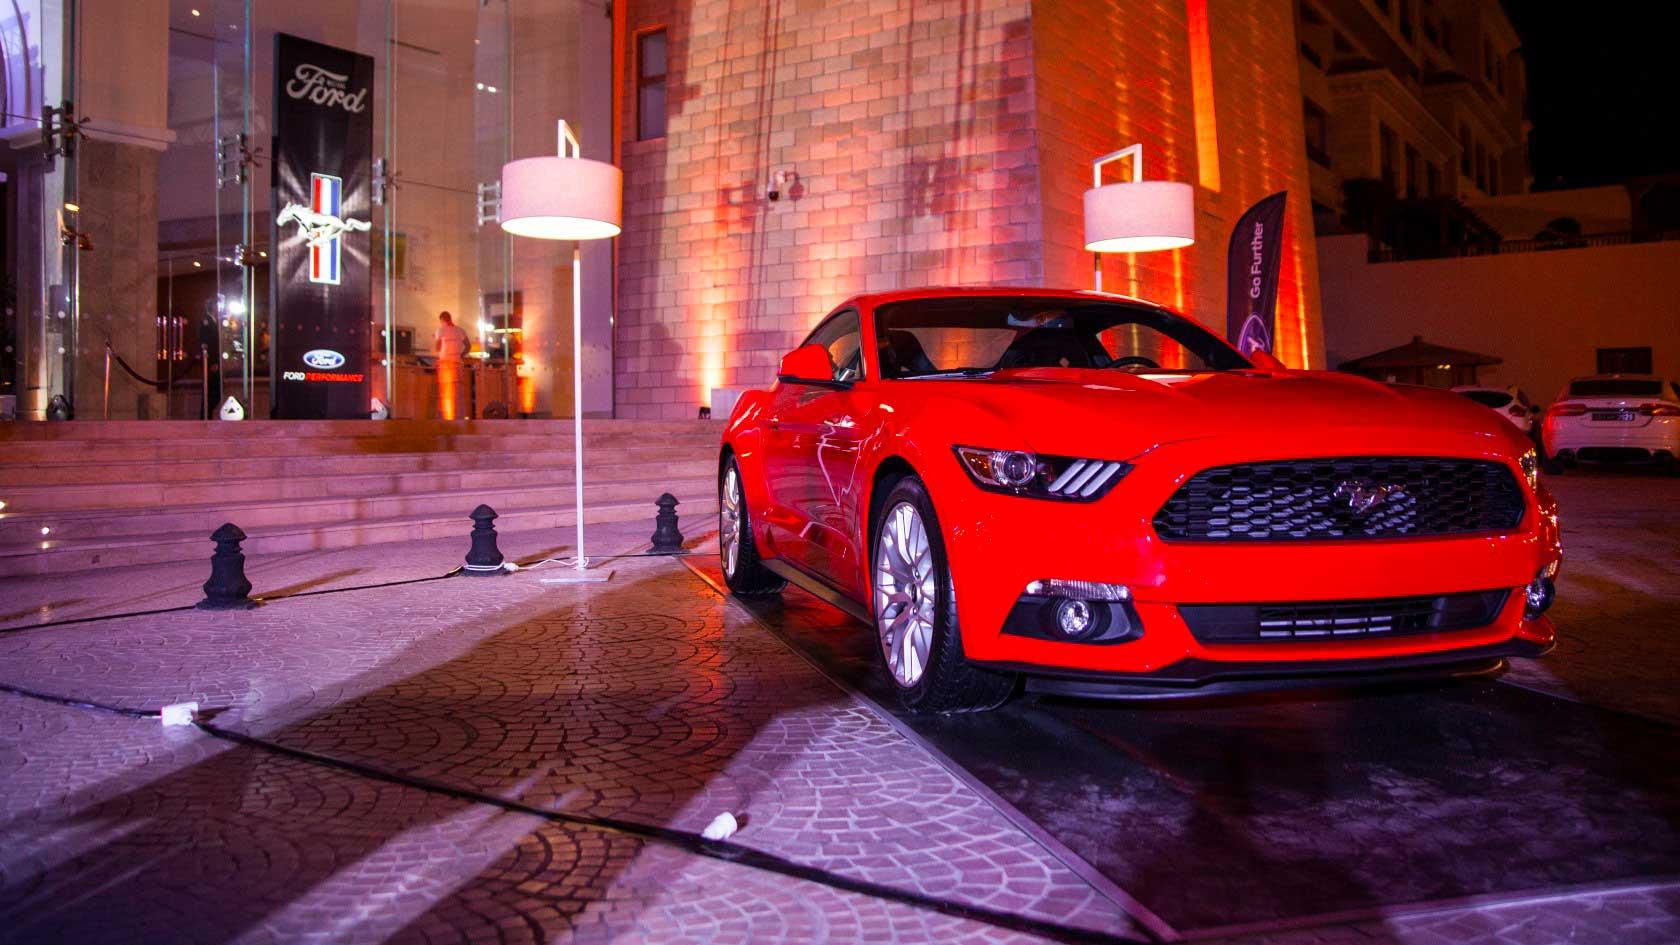 La légendaire Ford Mustang débarque en Tunisie